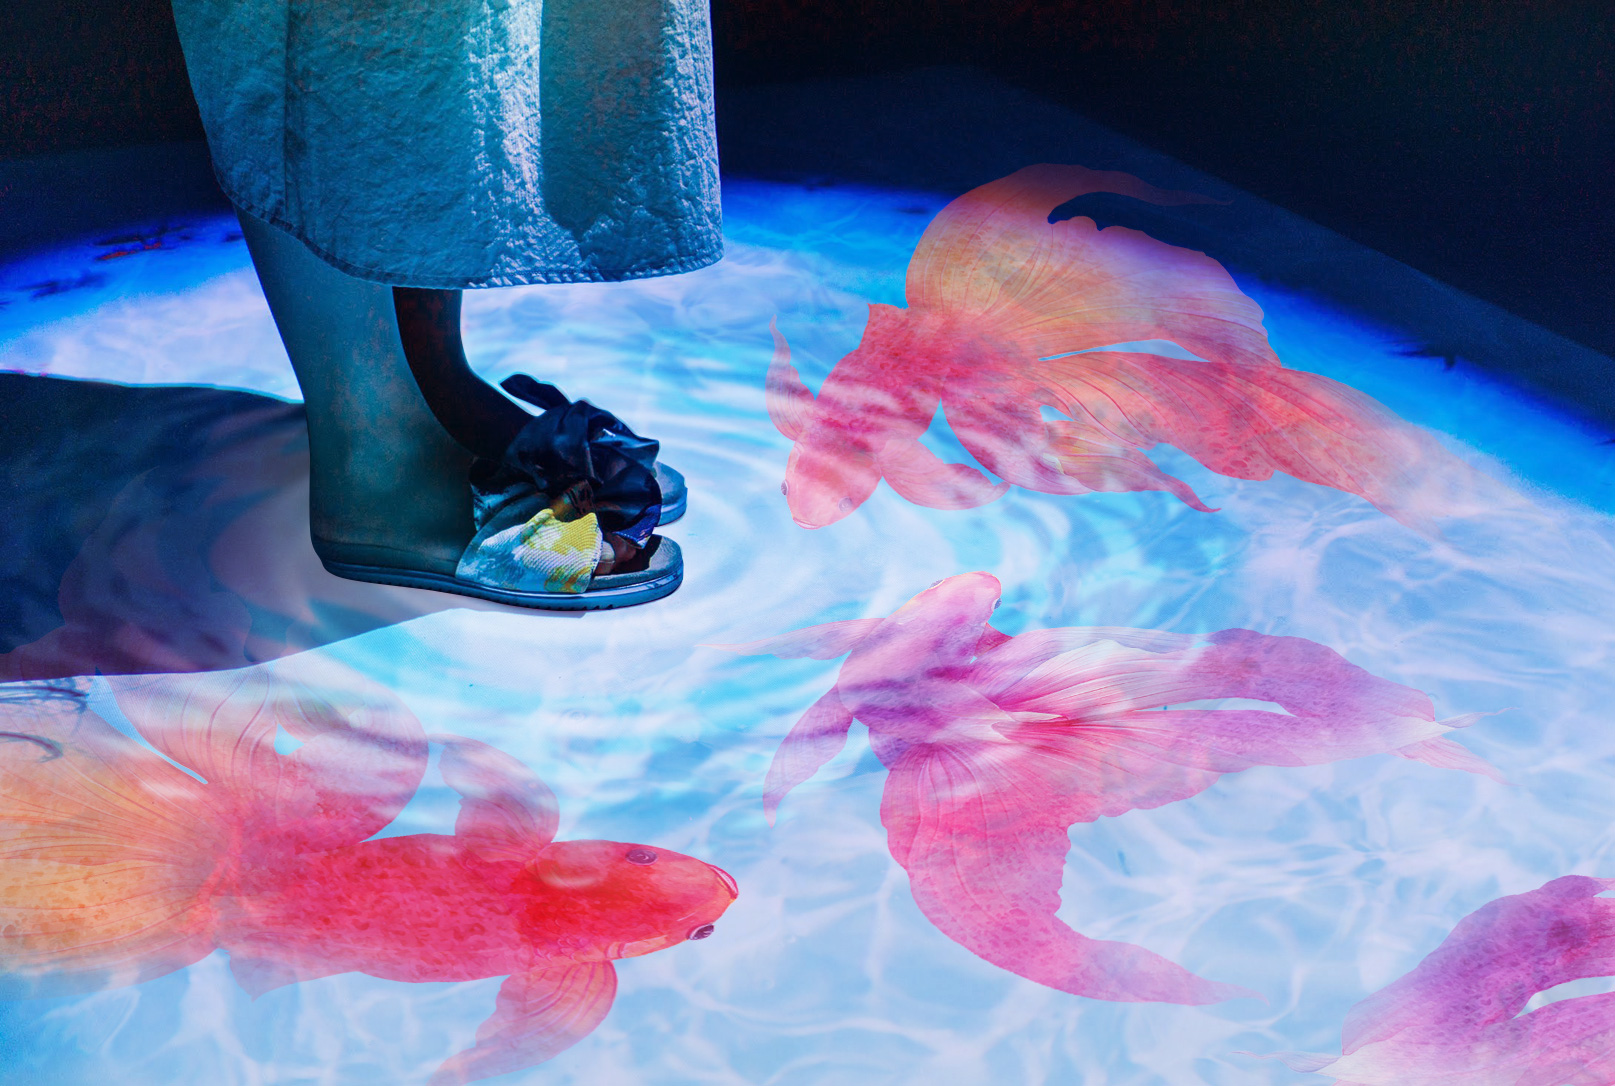 金魚のアートも楽しめる! 「東京金魚ワンダーランド2019」